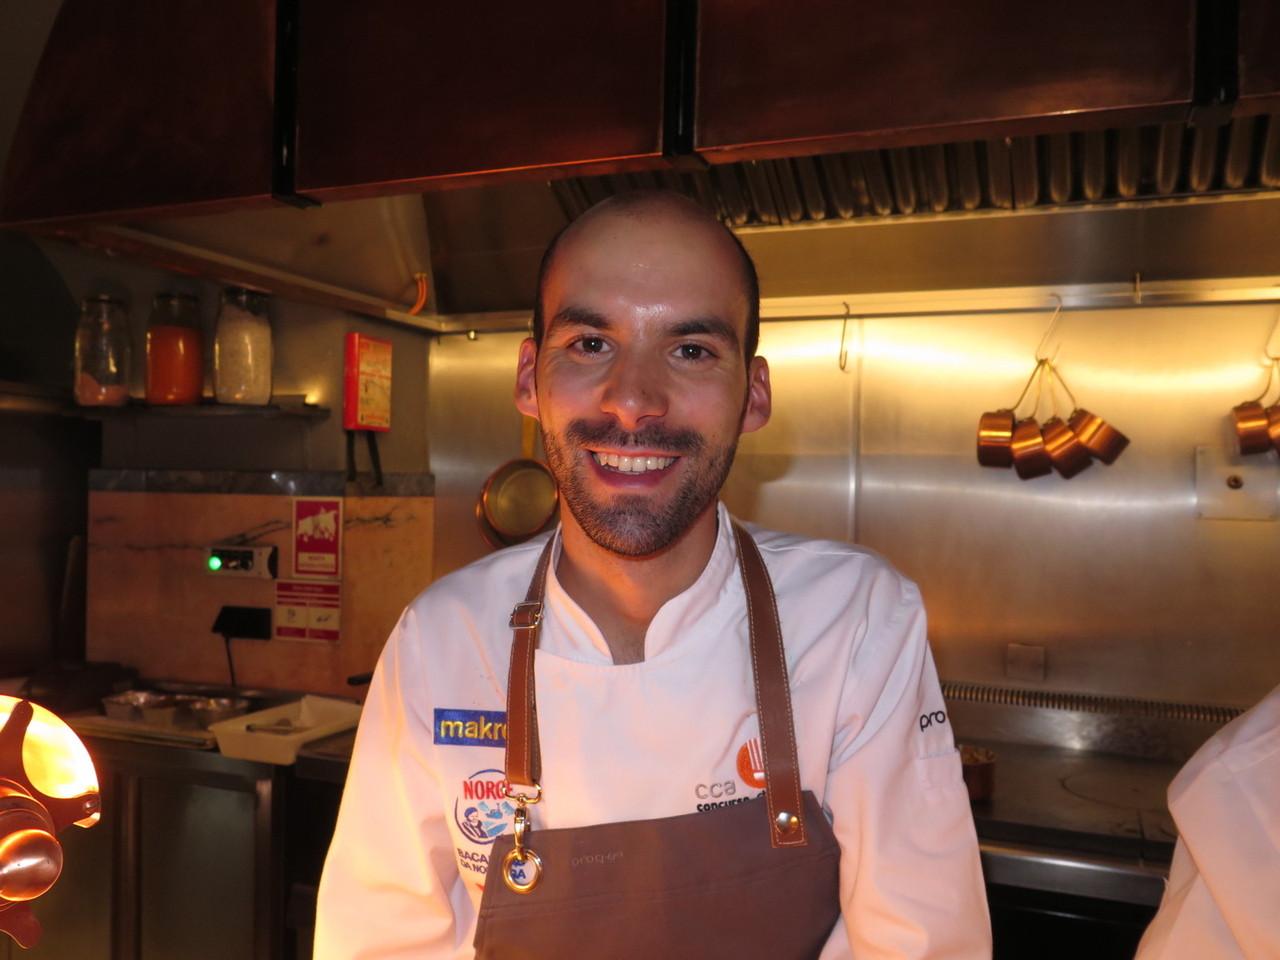 Luís Gaspar, Chefe Cozinheiro do Ano 2017